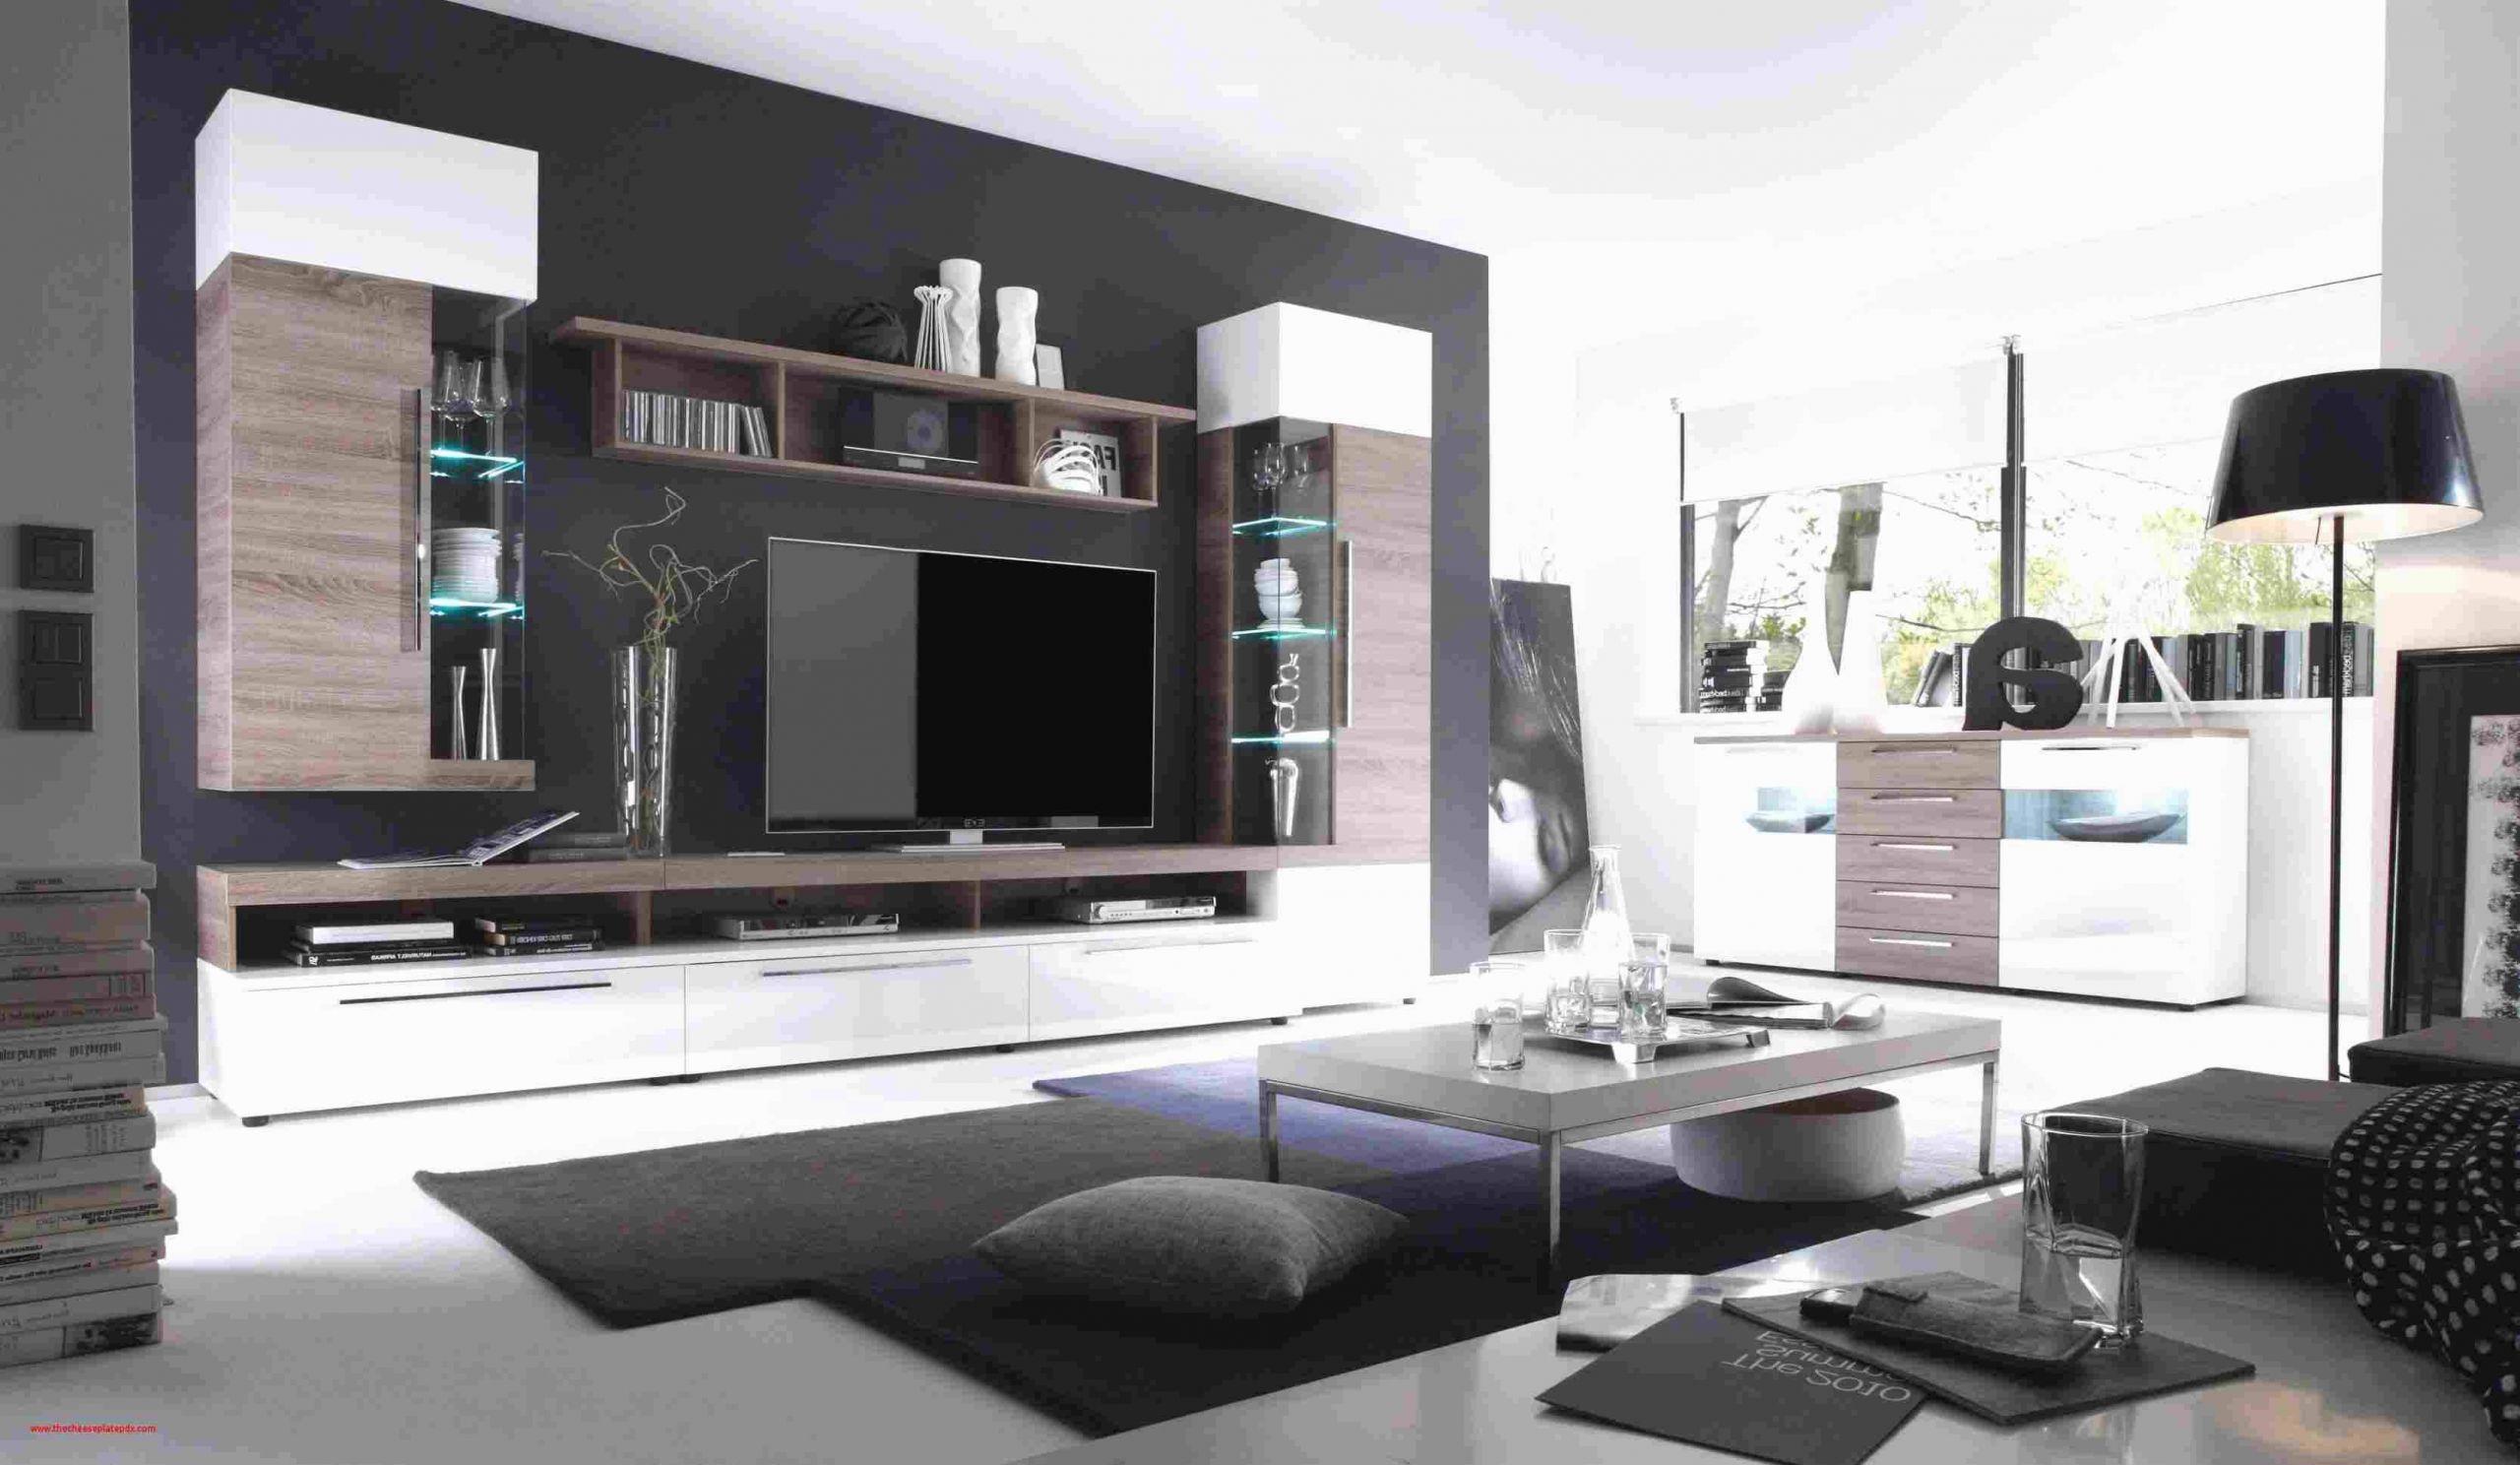 stehlampe wohnzimmer design genial nachttischlampe wand 0d design design von graue wand deko of graue wand deko